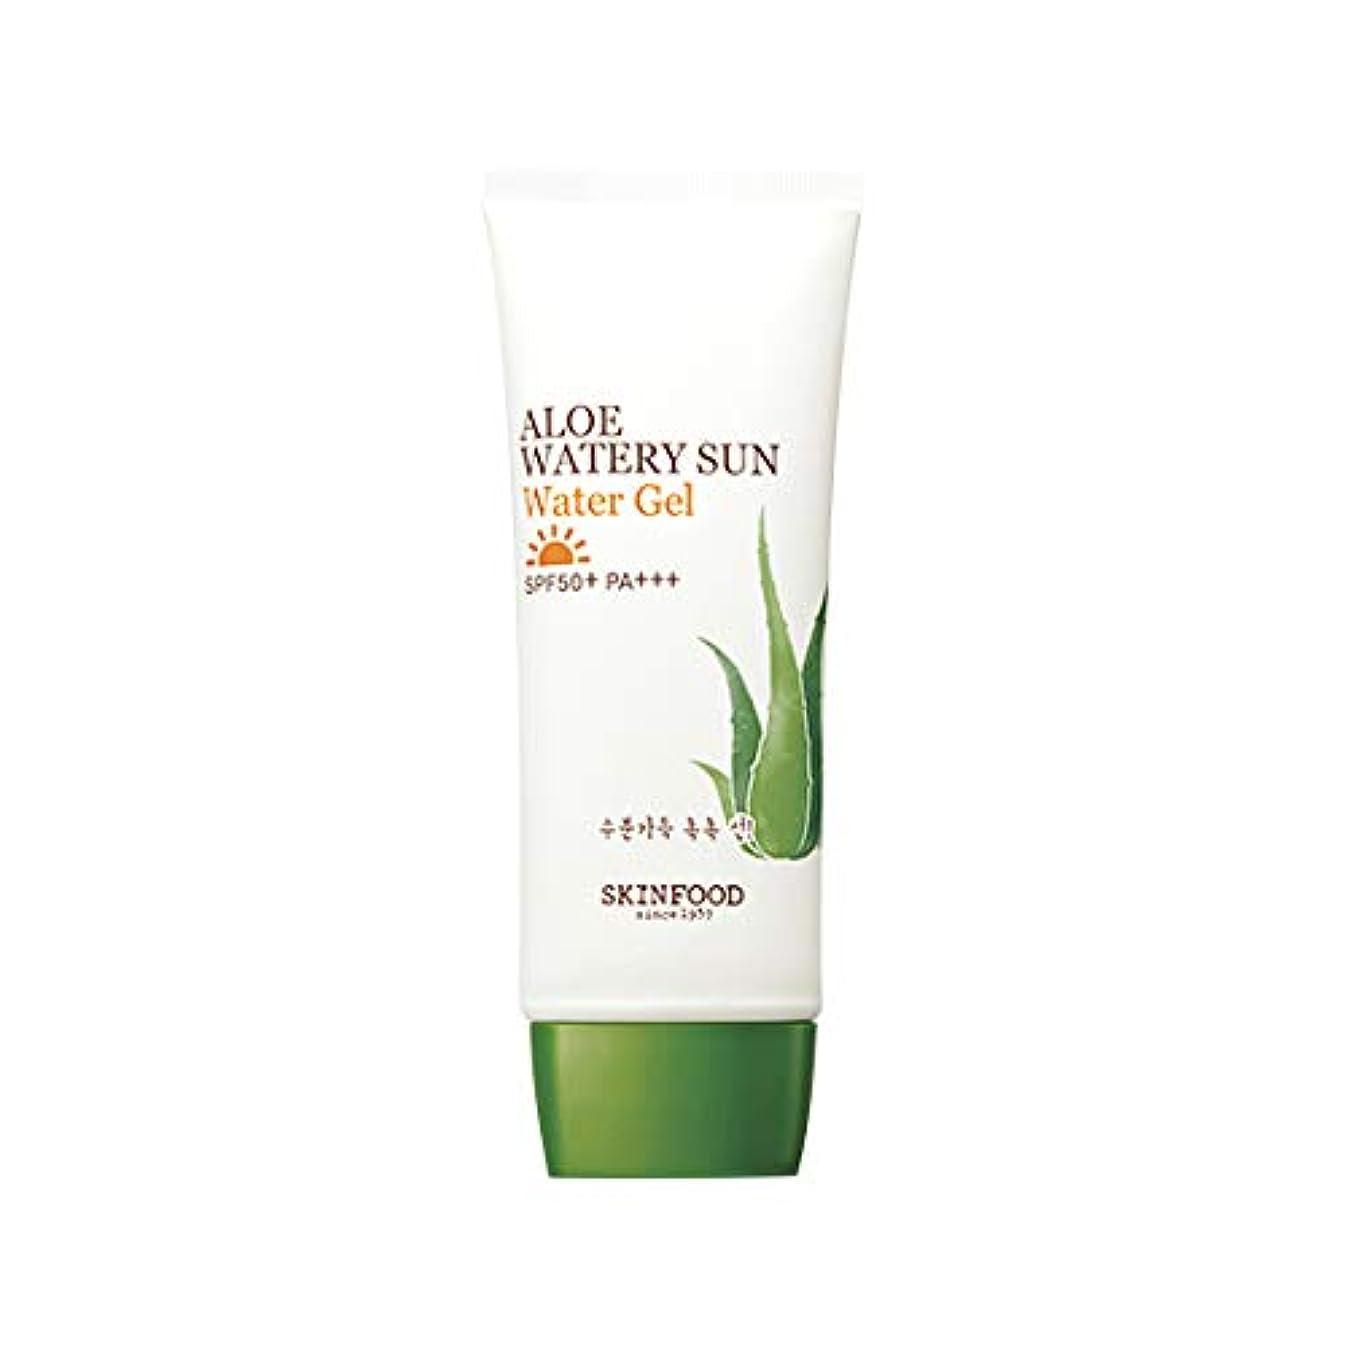 音エクステント予備Skinfood アロエウォーターサンジェルSPF50 + PA +++ / Aloe Watery Sun Water Gel SPF50+ PA+++ 50ml [並行輸入品]